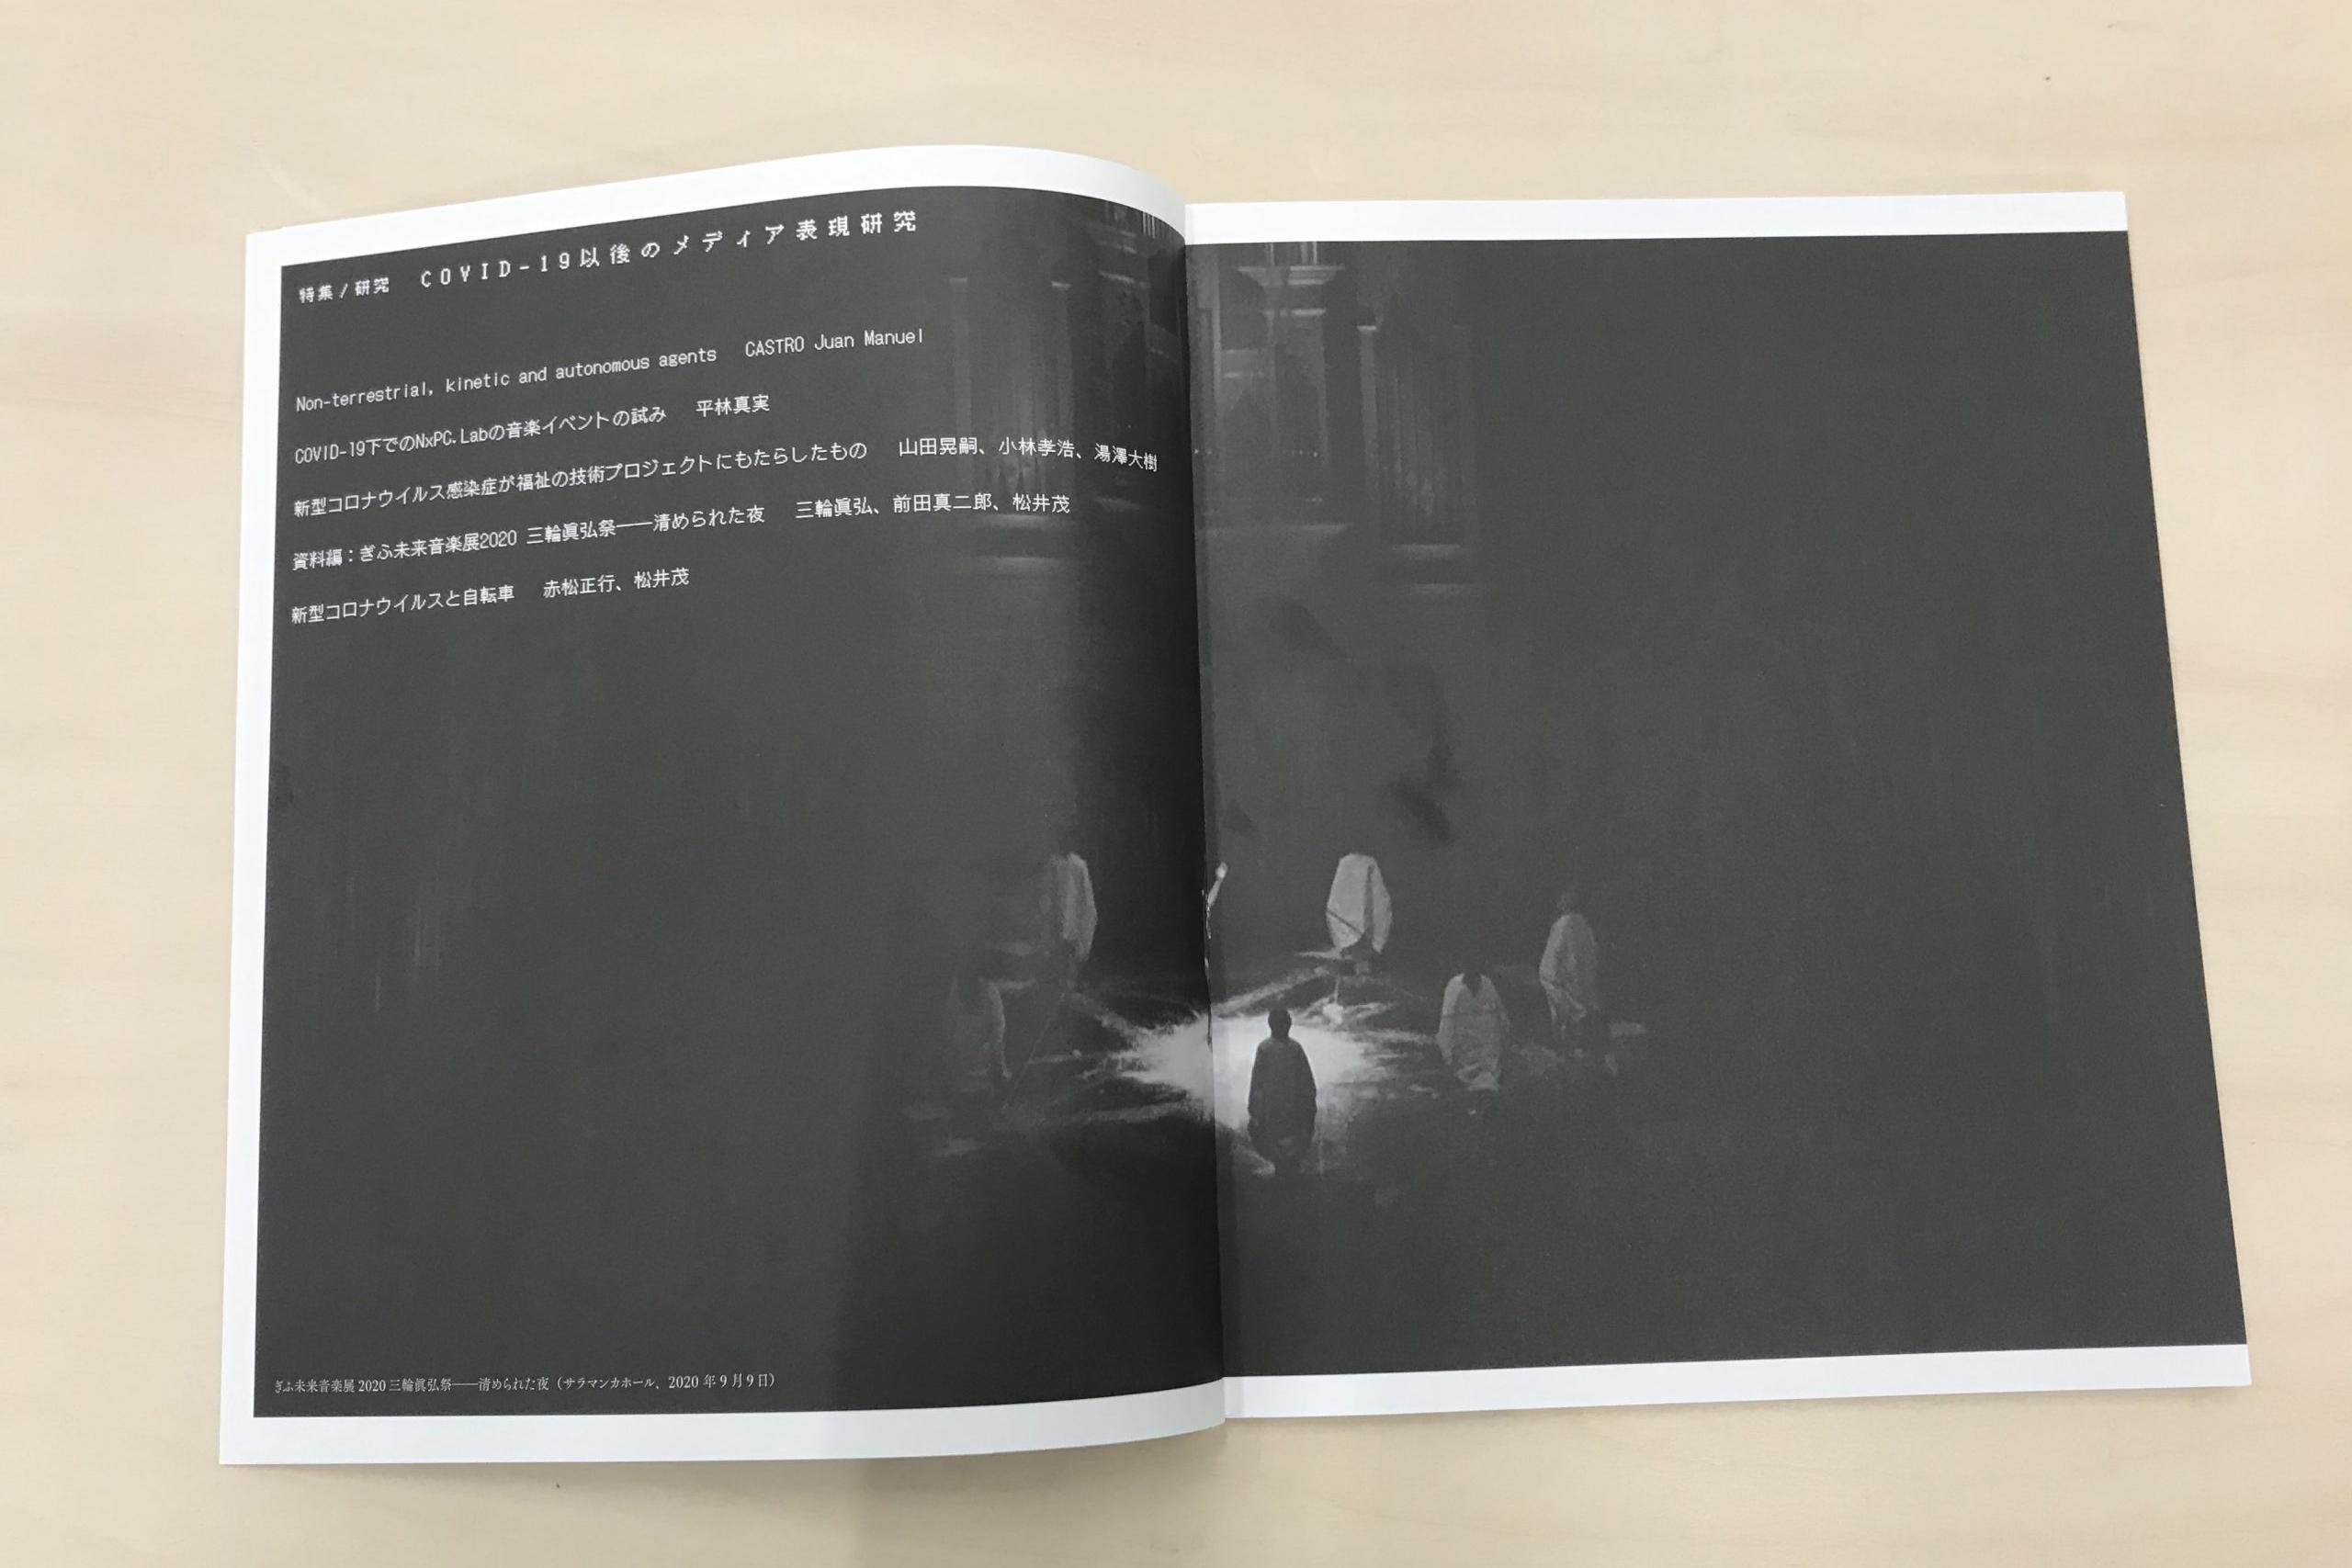 情報科学芸術大学院大学紀要 第12巻イメージ